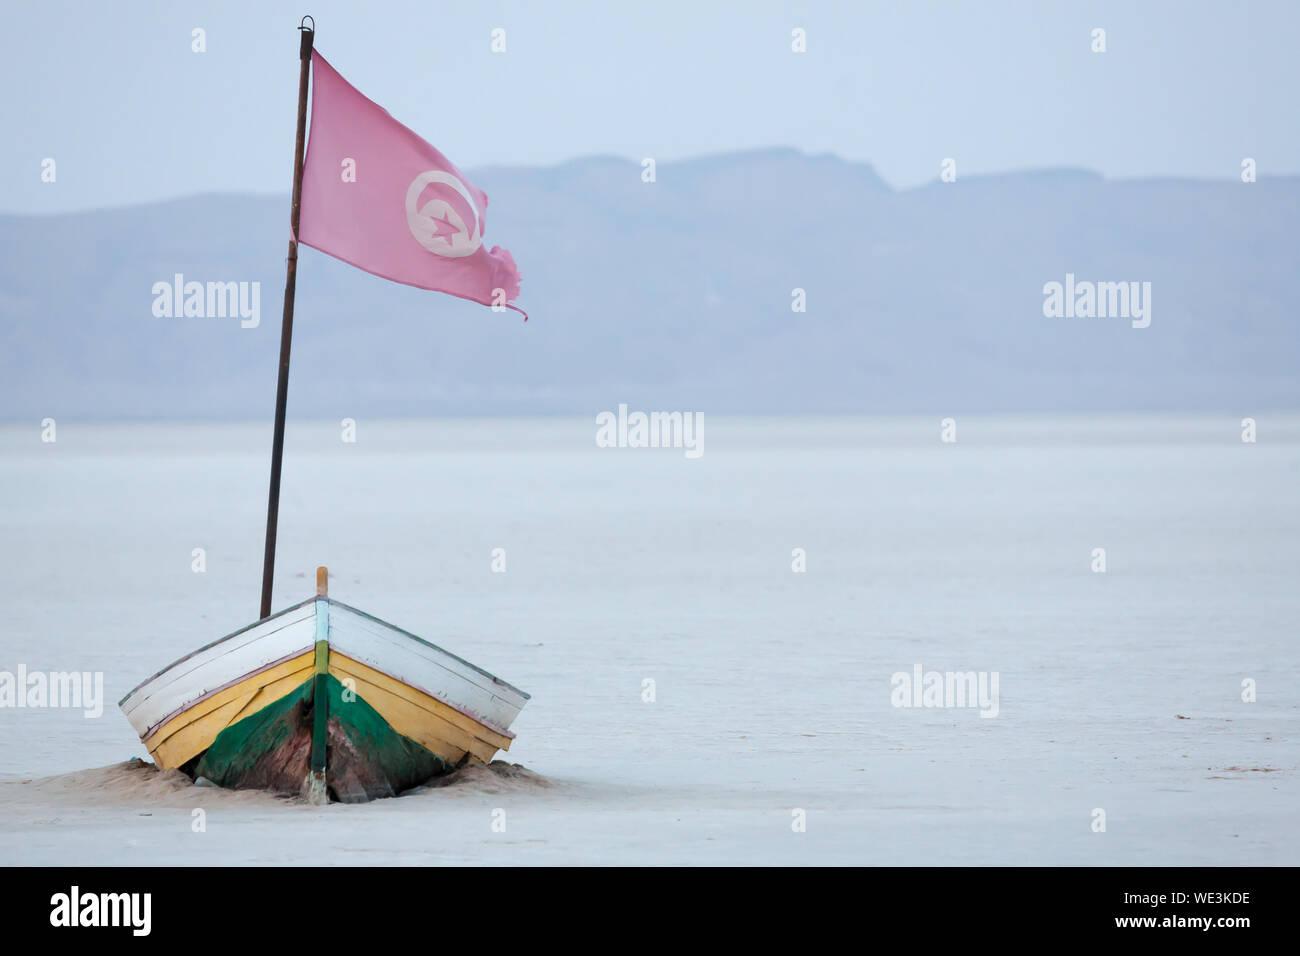 Flag On Boat At Chott El Djerid Stock Photo